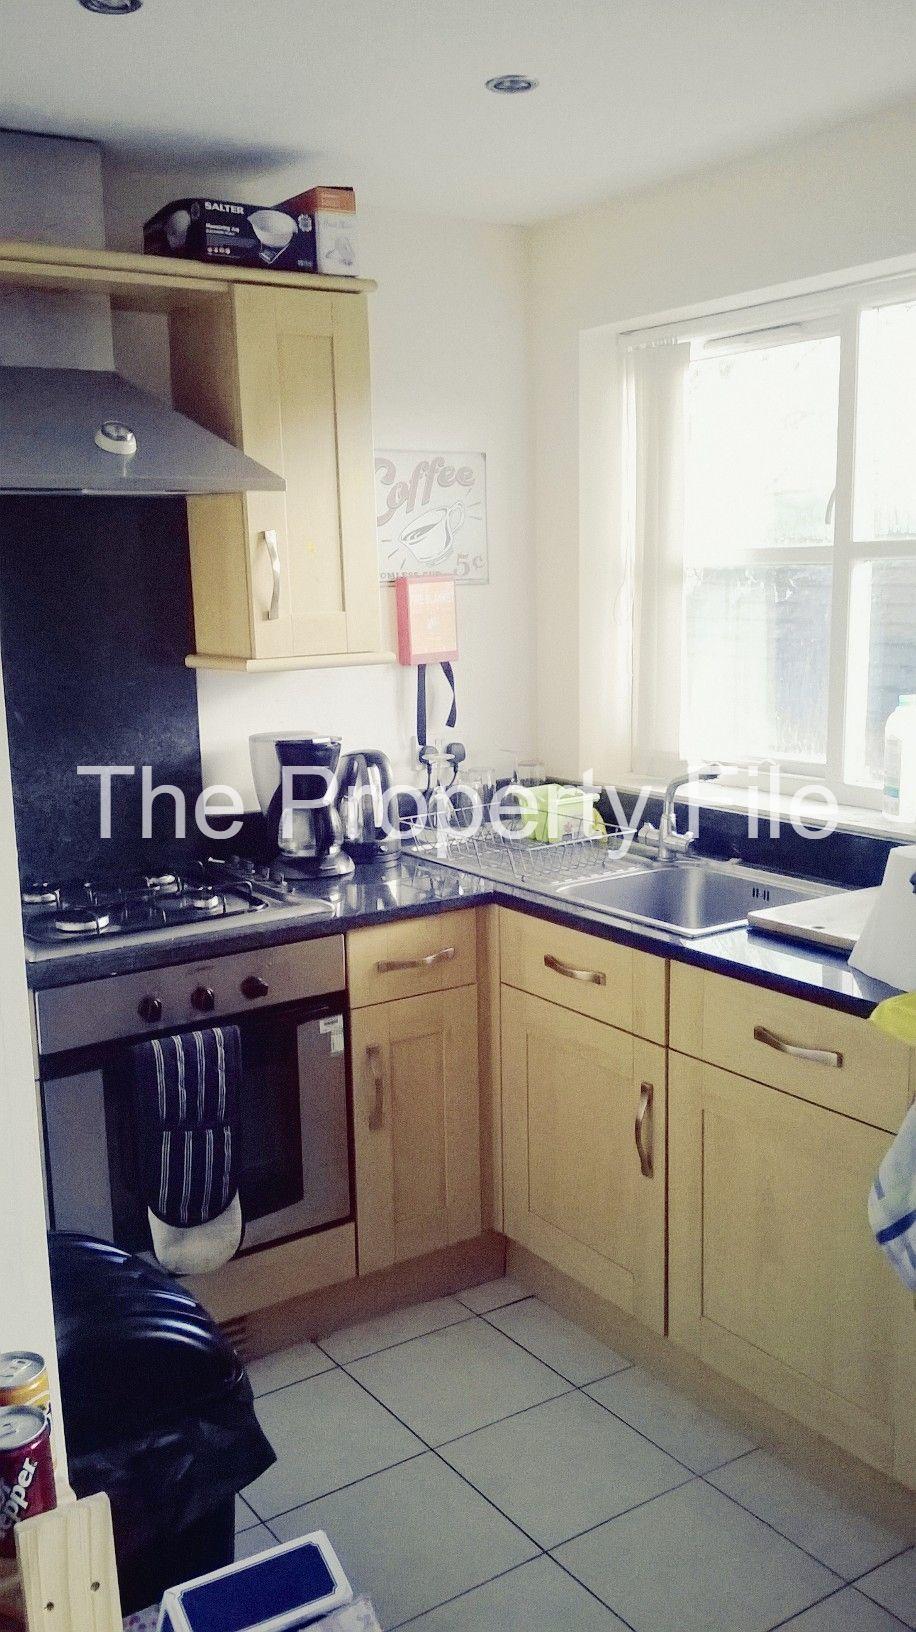 wynnstay kitchen (2)